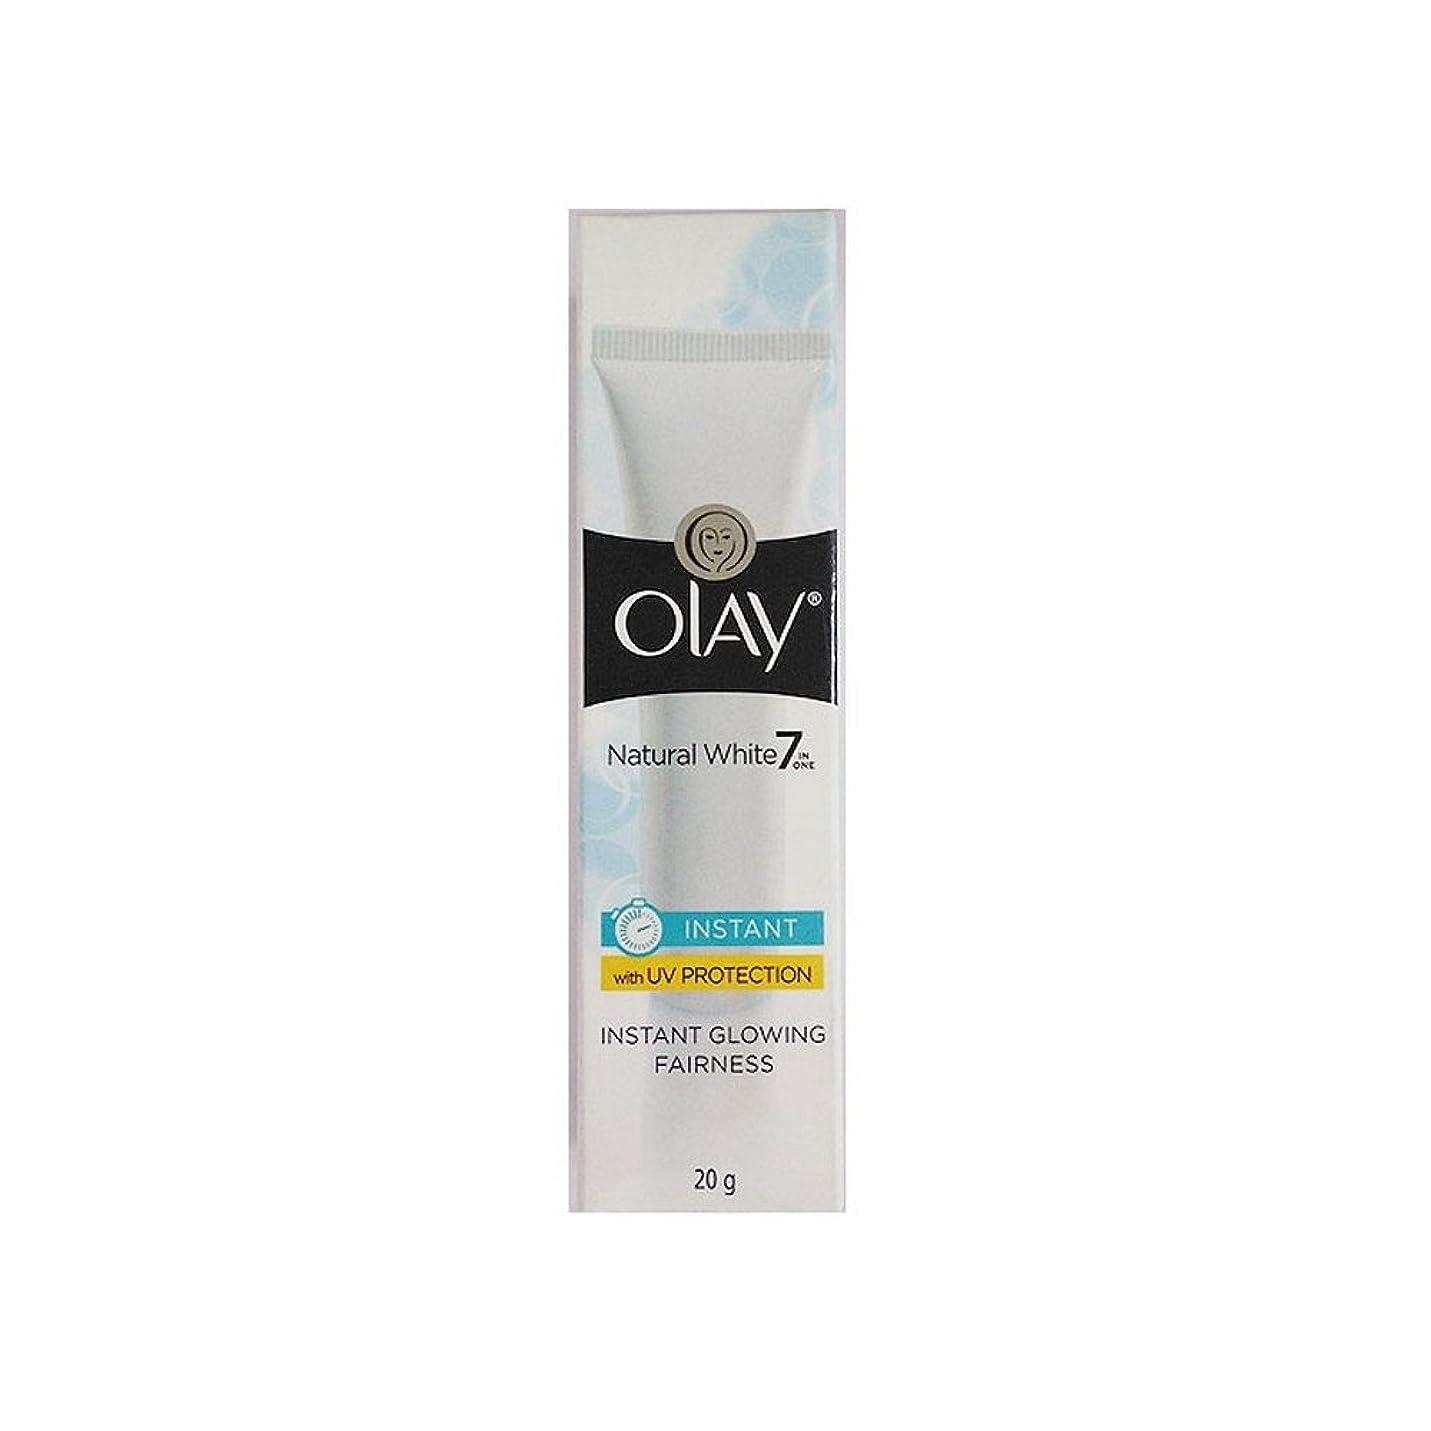 誓約狂気プールOlay Natural White Light Instant Glowing Fairness Cream, 20g